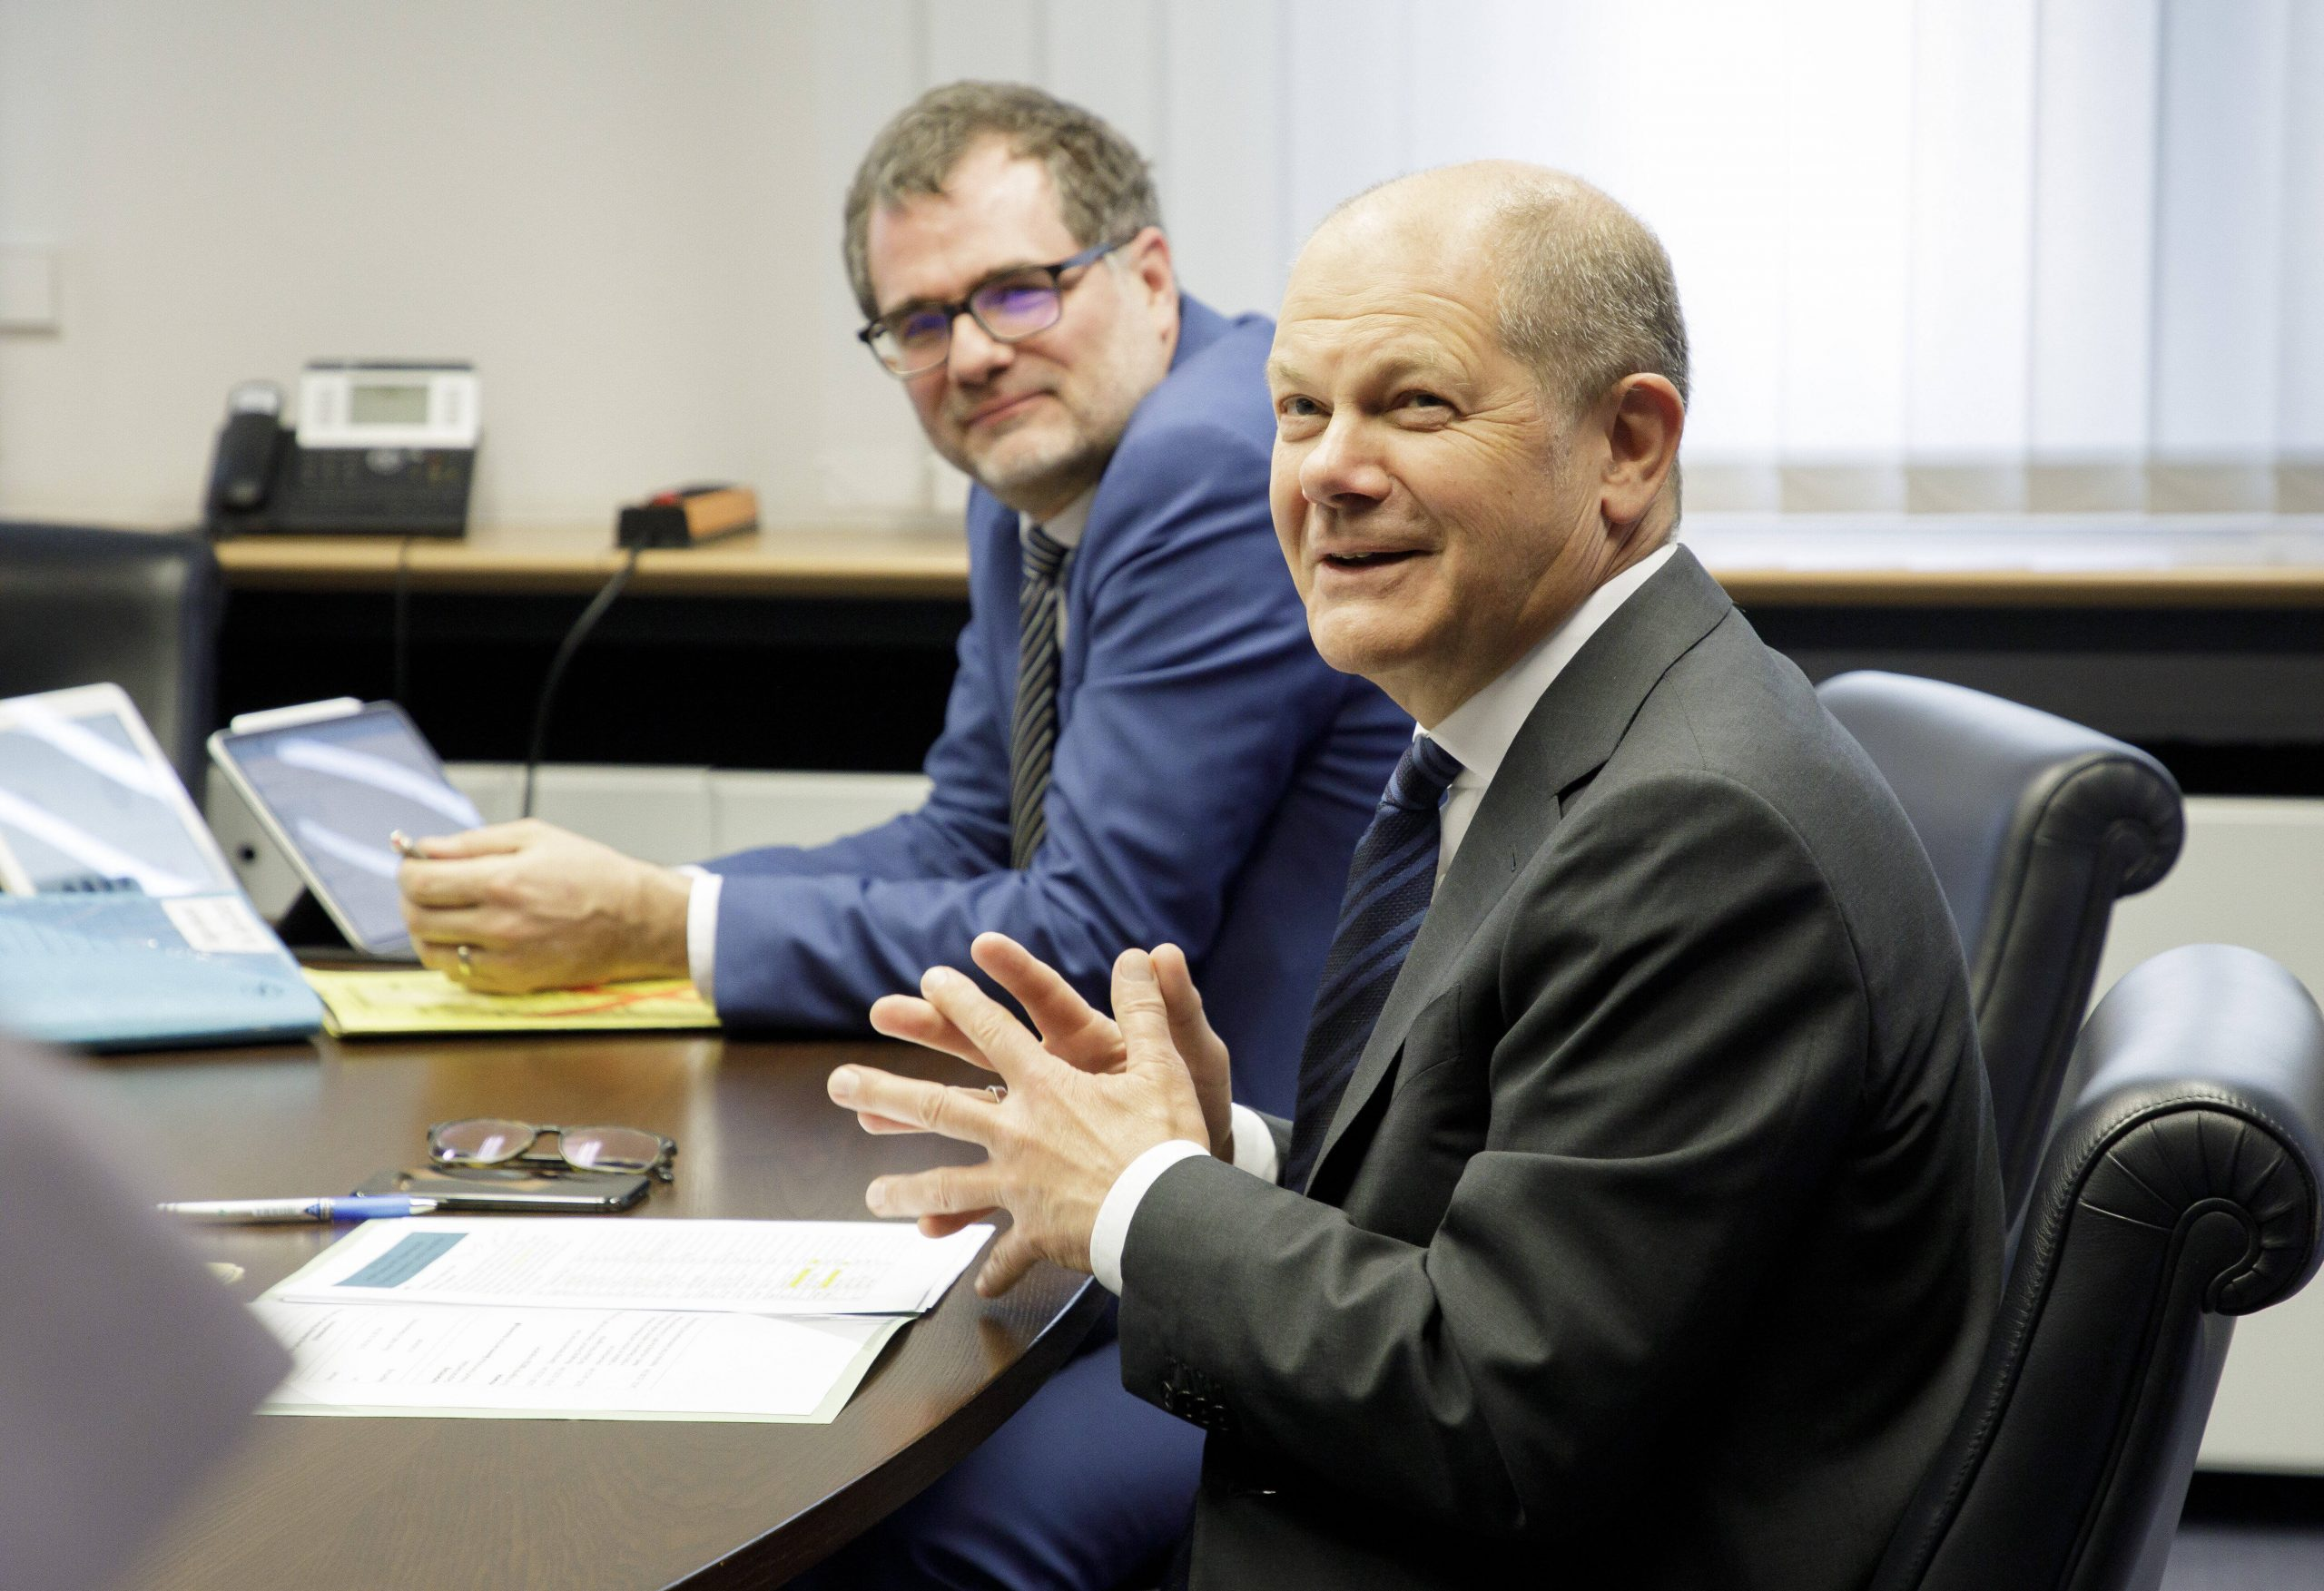 Bundesfinanzminister Olaf Scholz (SPD) und Staatssekretär Wolfgang Schmidt im Jahr 2020.